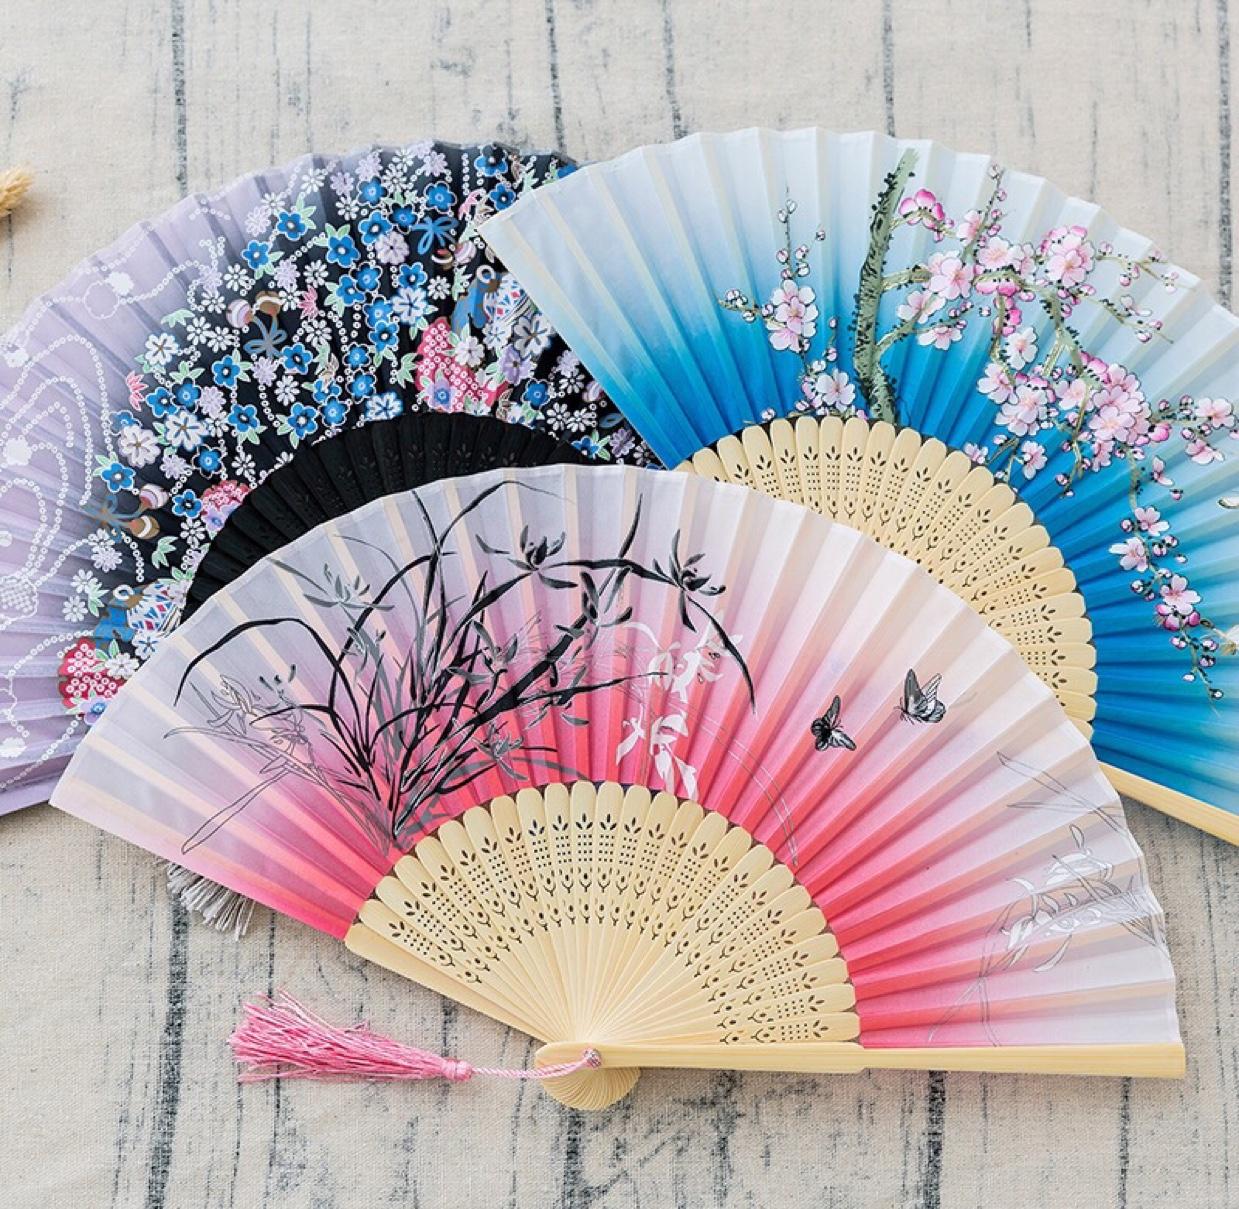 扇子折扇中国风舞蹈扇女夏季折叠扇古装儿童小复古布古典古风折扇